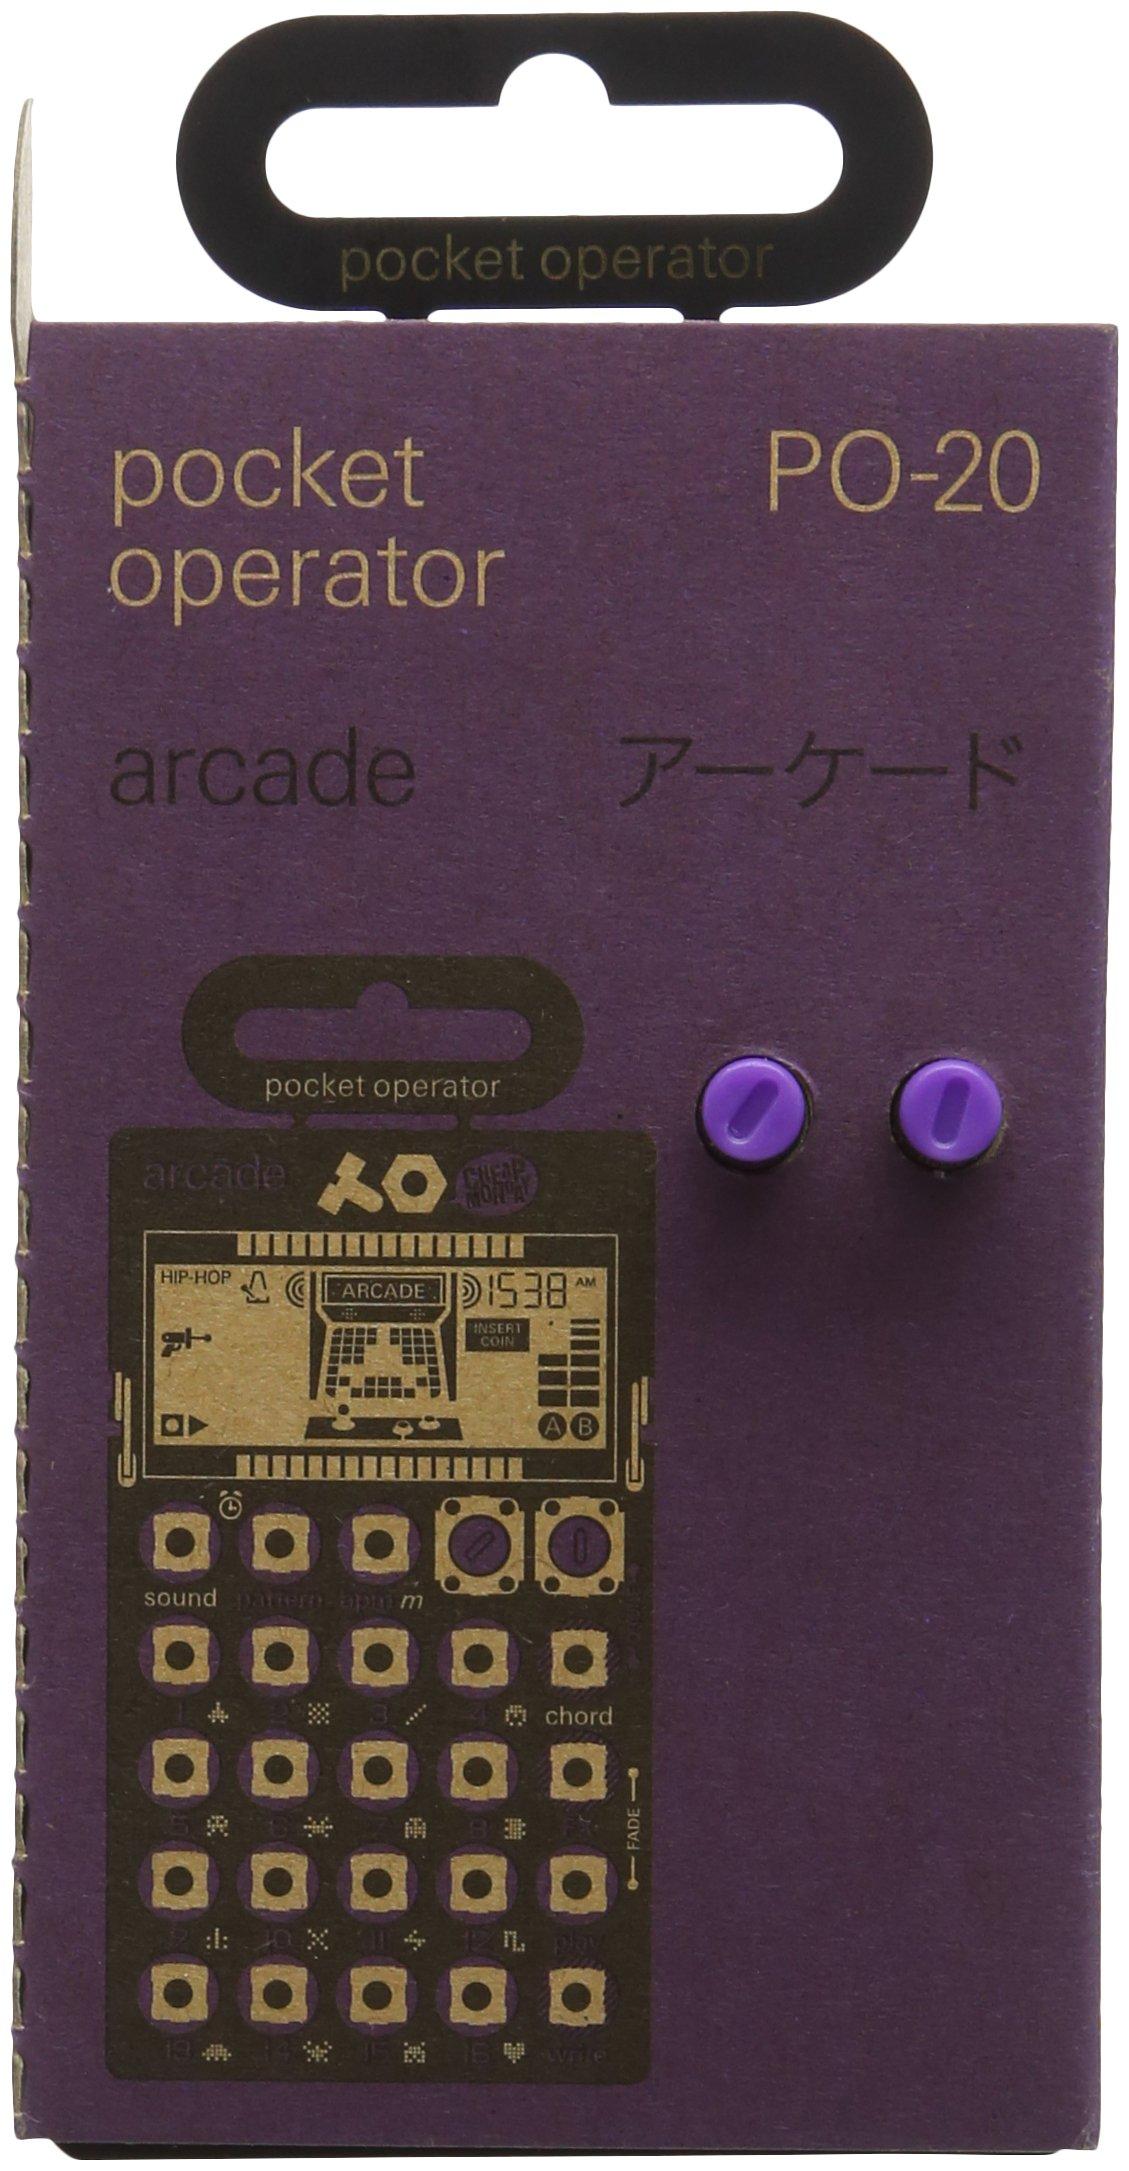 Teenage Engineering TE010AS020A PO-20 Arcade Pocket Operator by Teenage Engineering